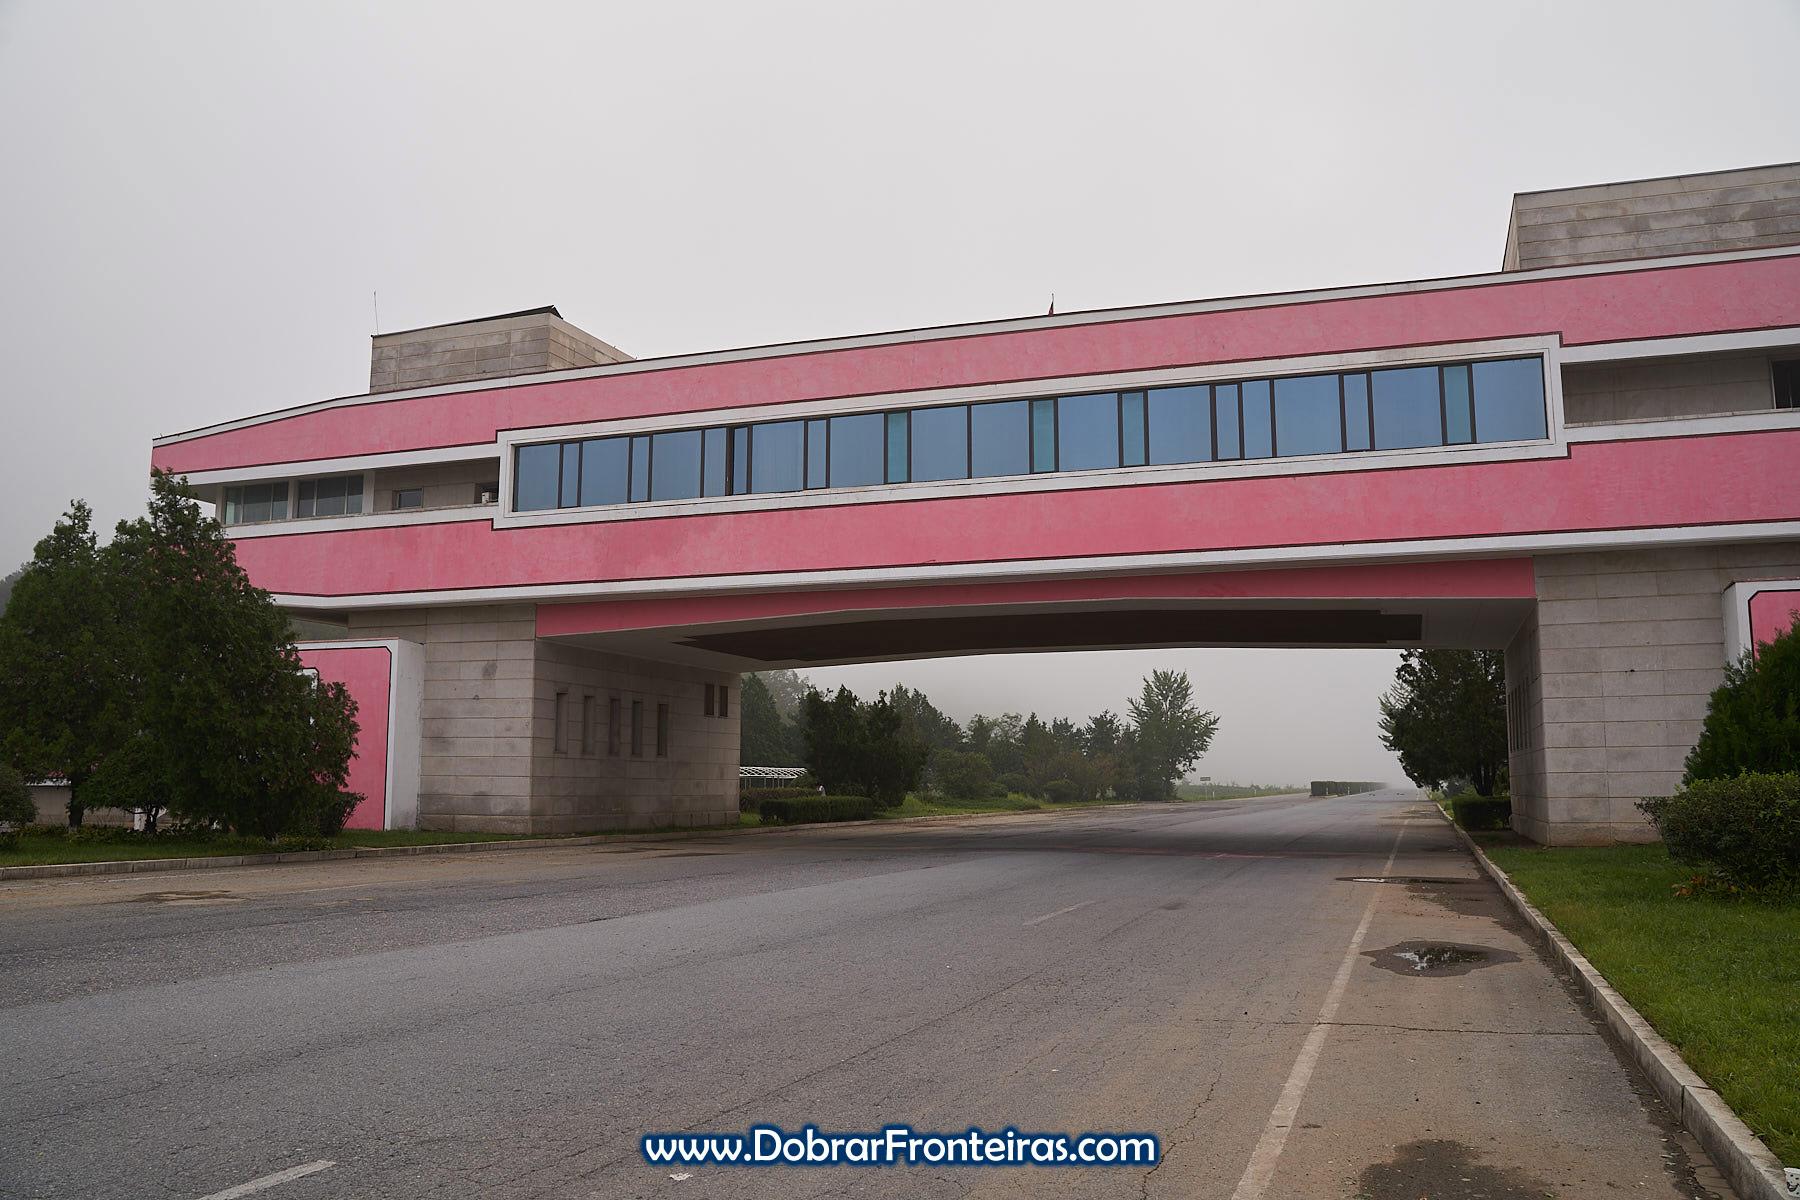 Casa de chá cor de rosa sobre autoestrada